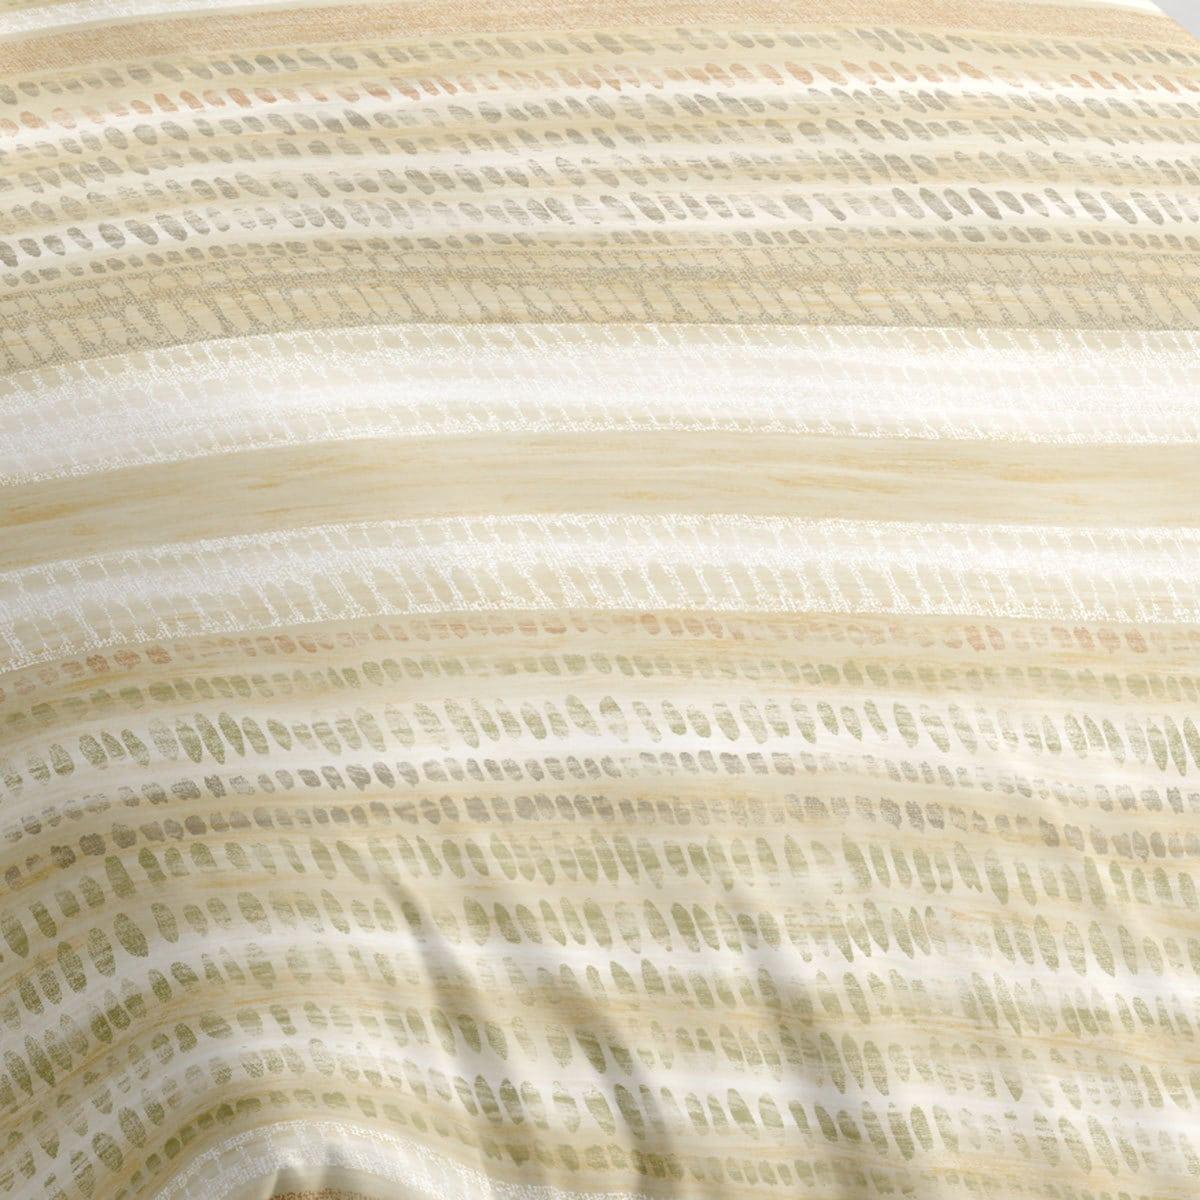 bierbaum mako satin bettw sche smail 6994 pistazie g nstig online kaufen bei bettwaren shop. Black Bedroom Furniture Sets. Home Design Ideas